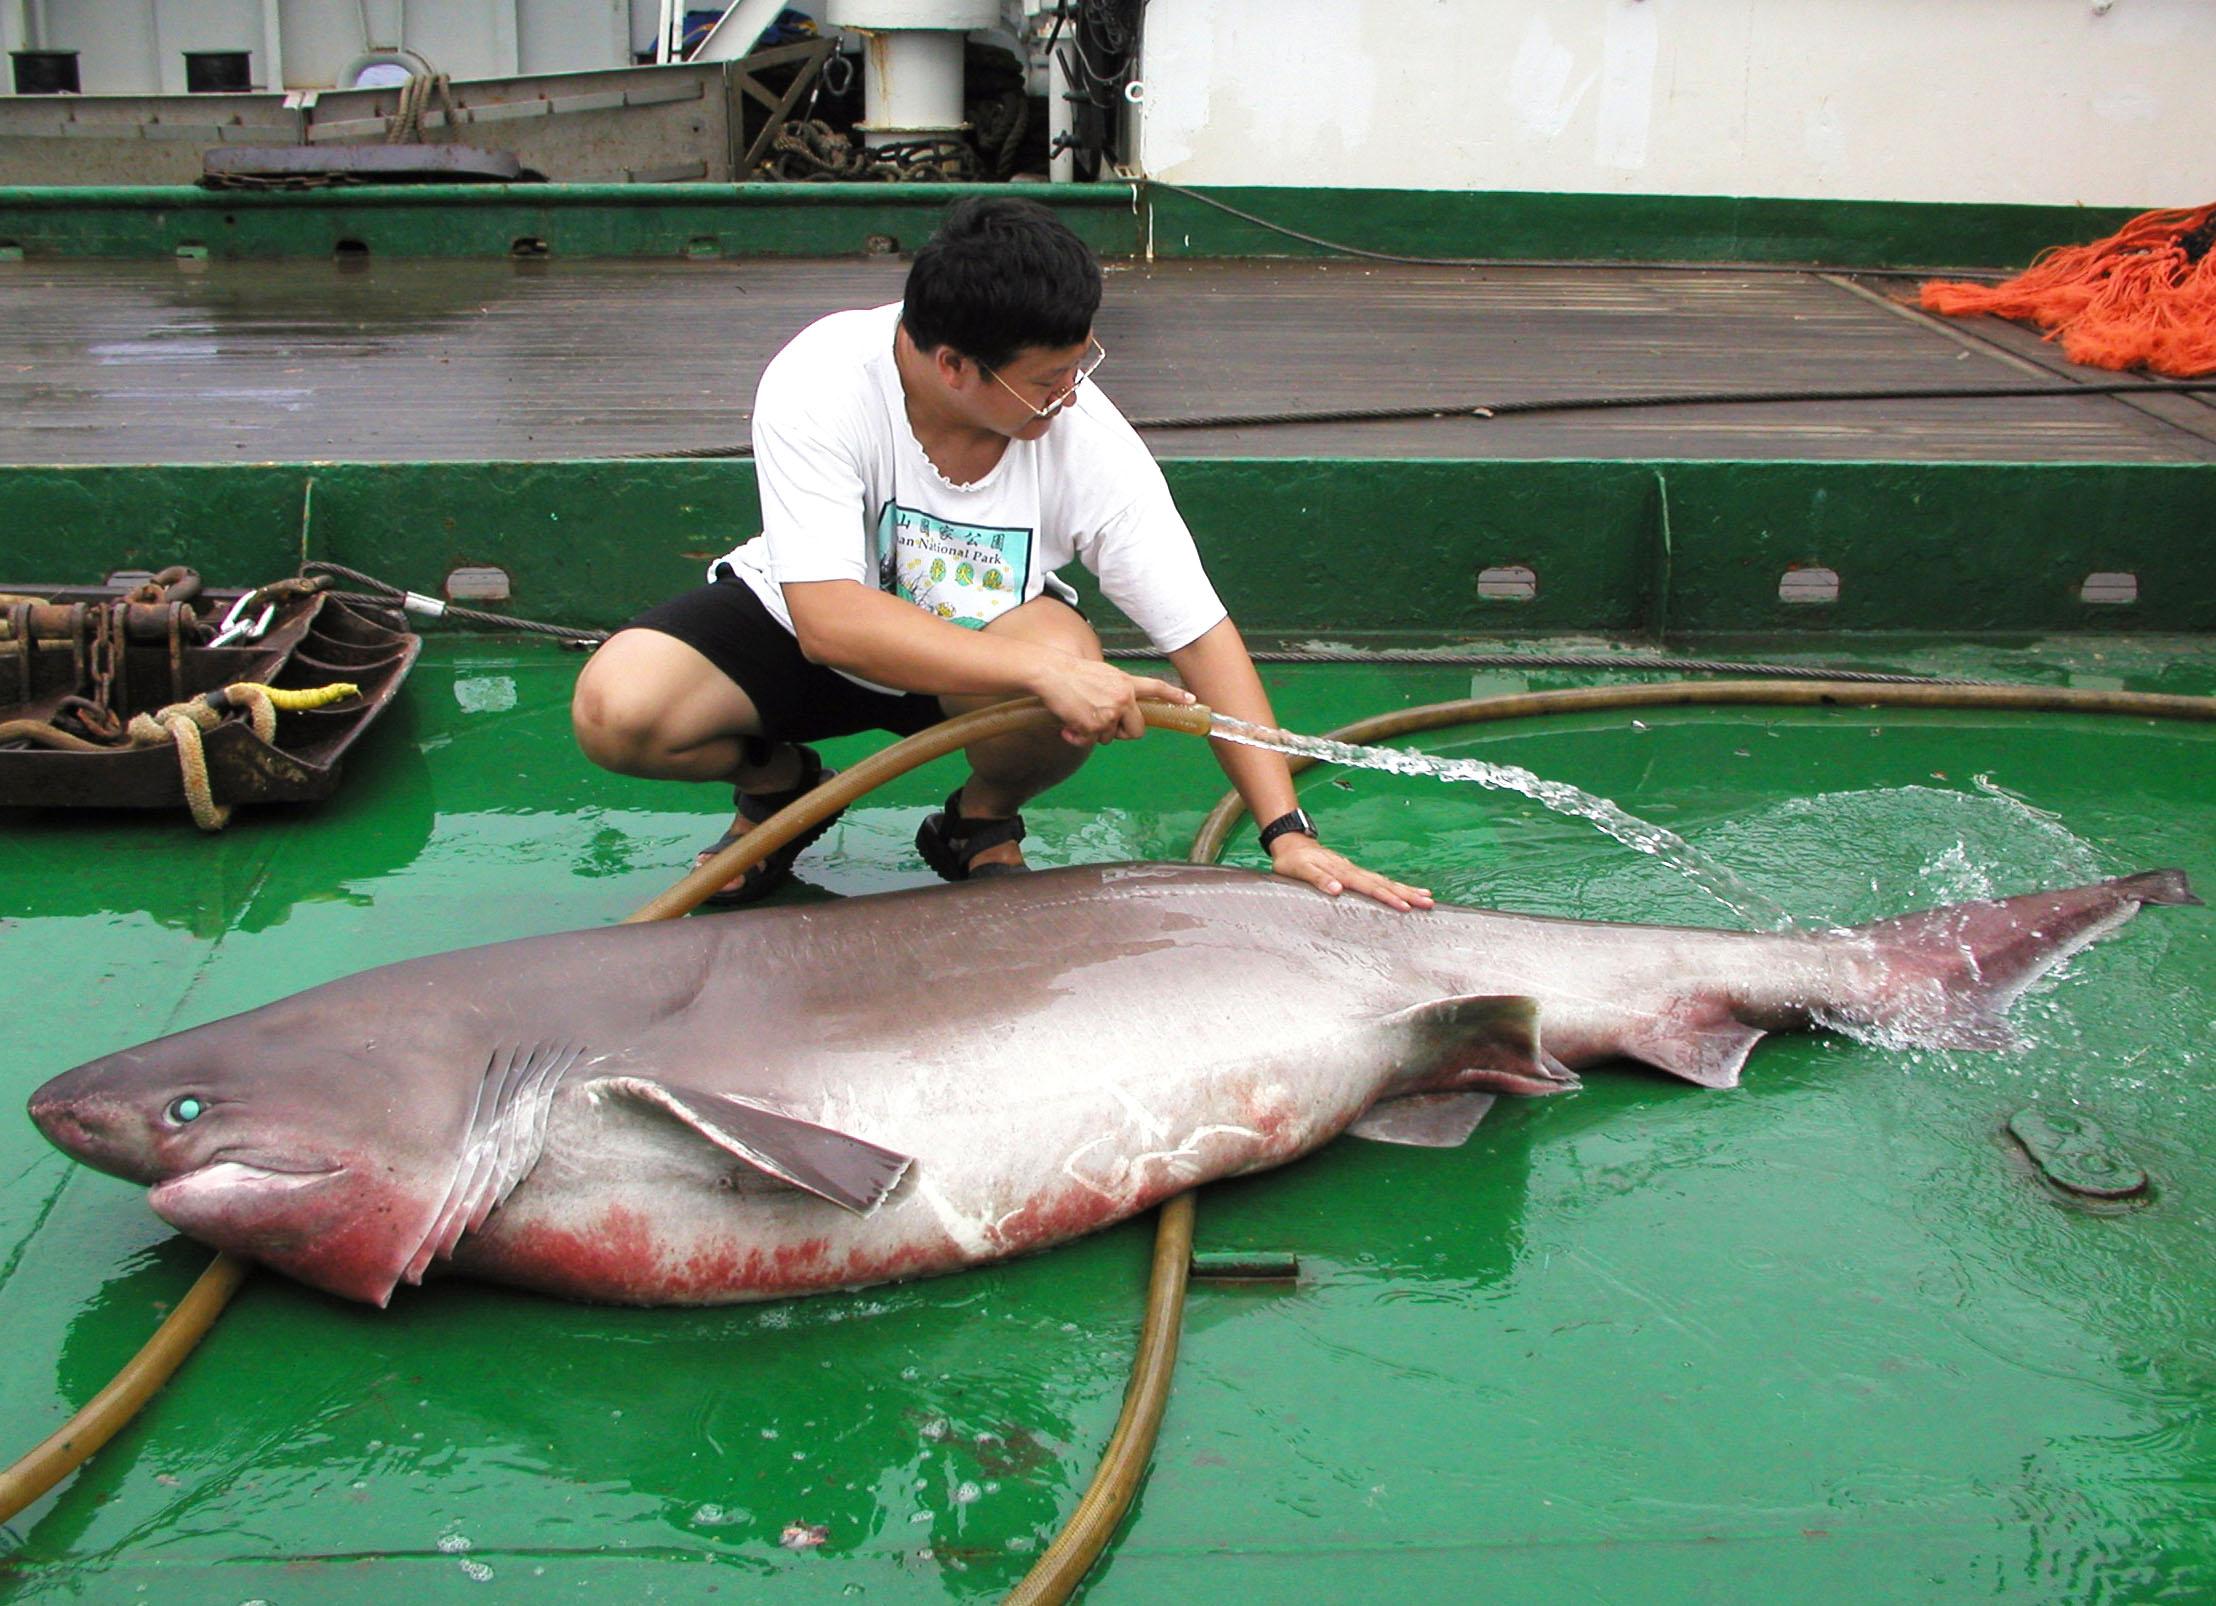 李柏鋒在研究船上清理捕獲的鯊魚。圖片來源│李柏鋒提供